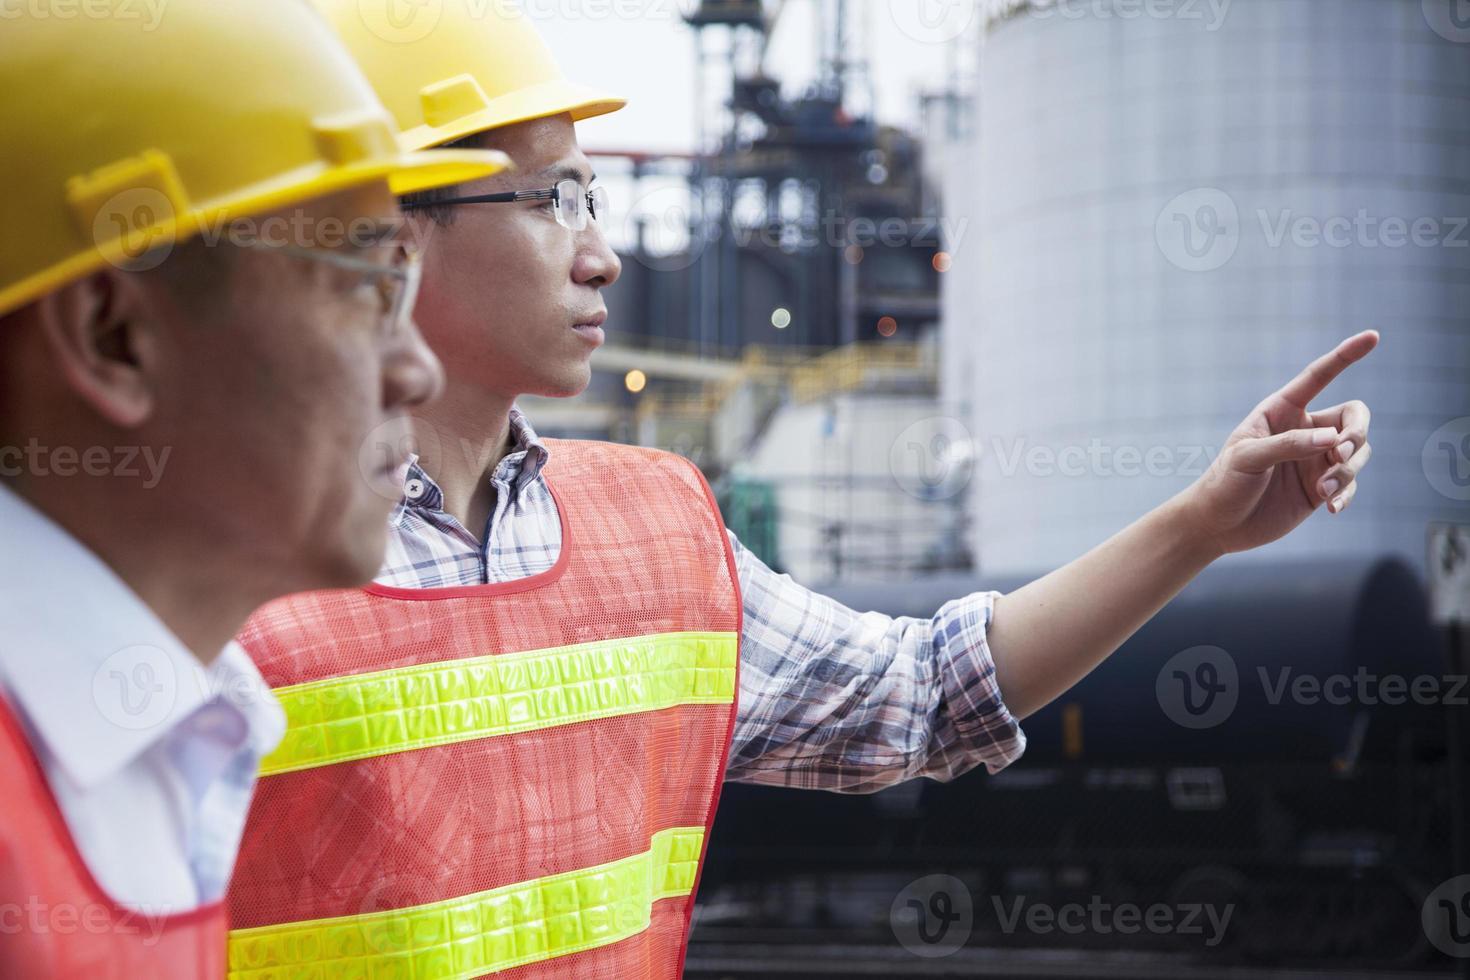 deux ingénieurs en vêtements de travail de protection pointant à l'extérieur d'une usine photo